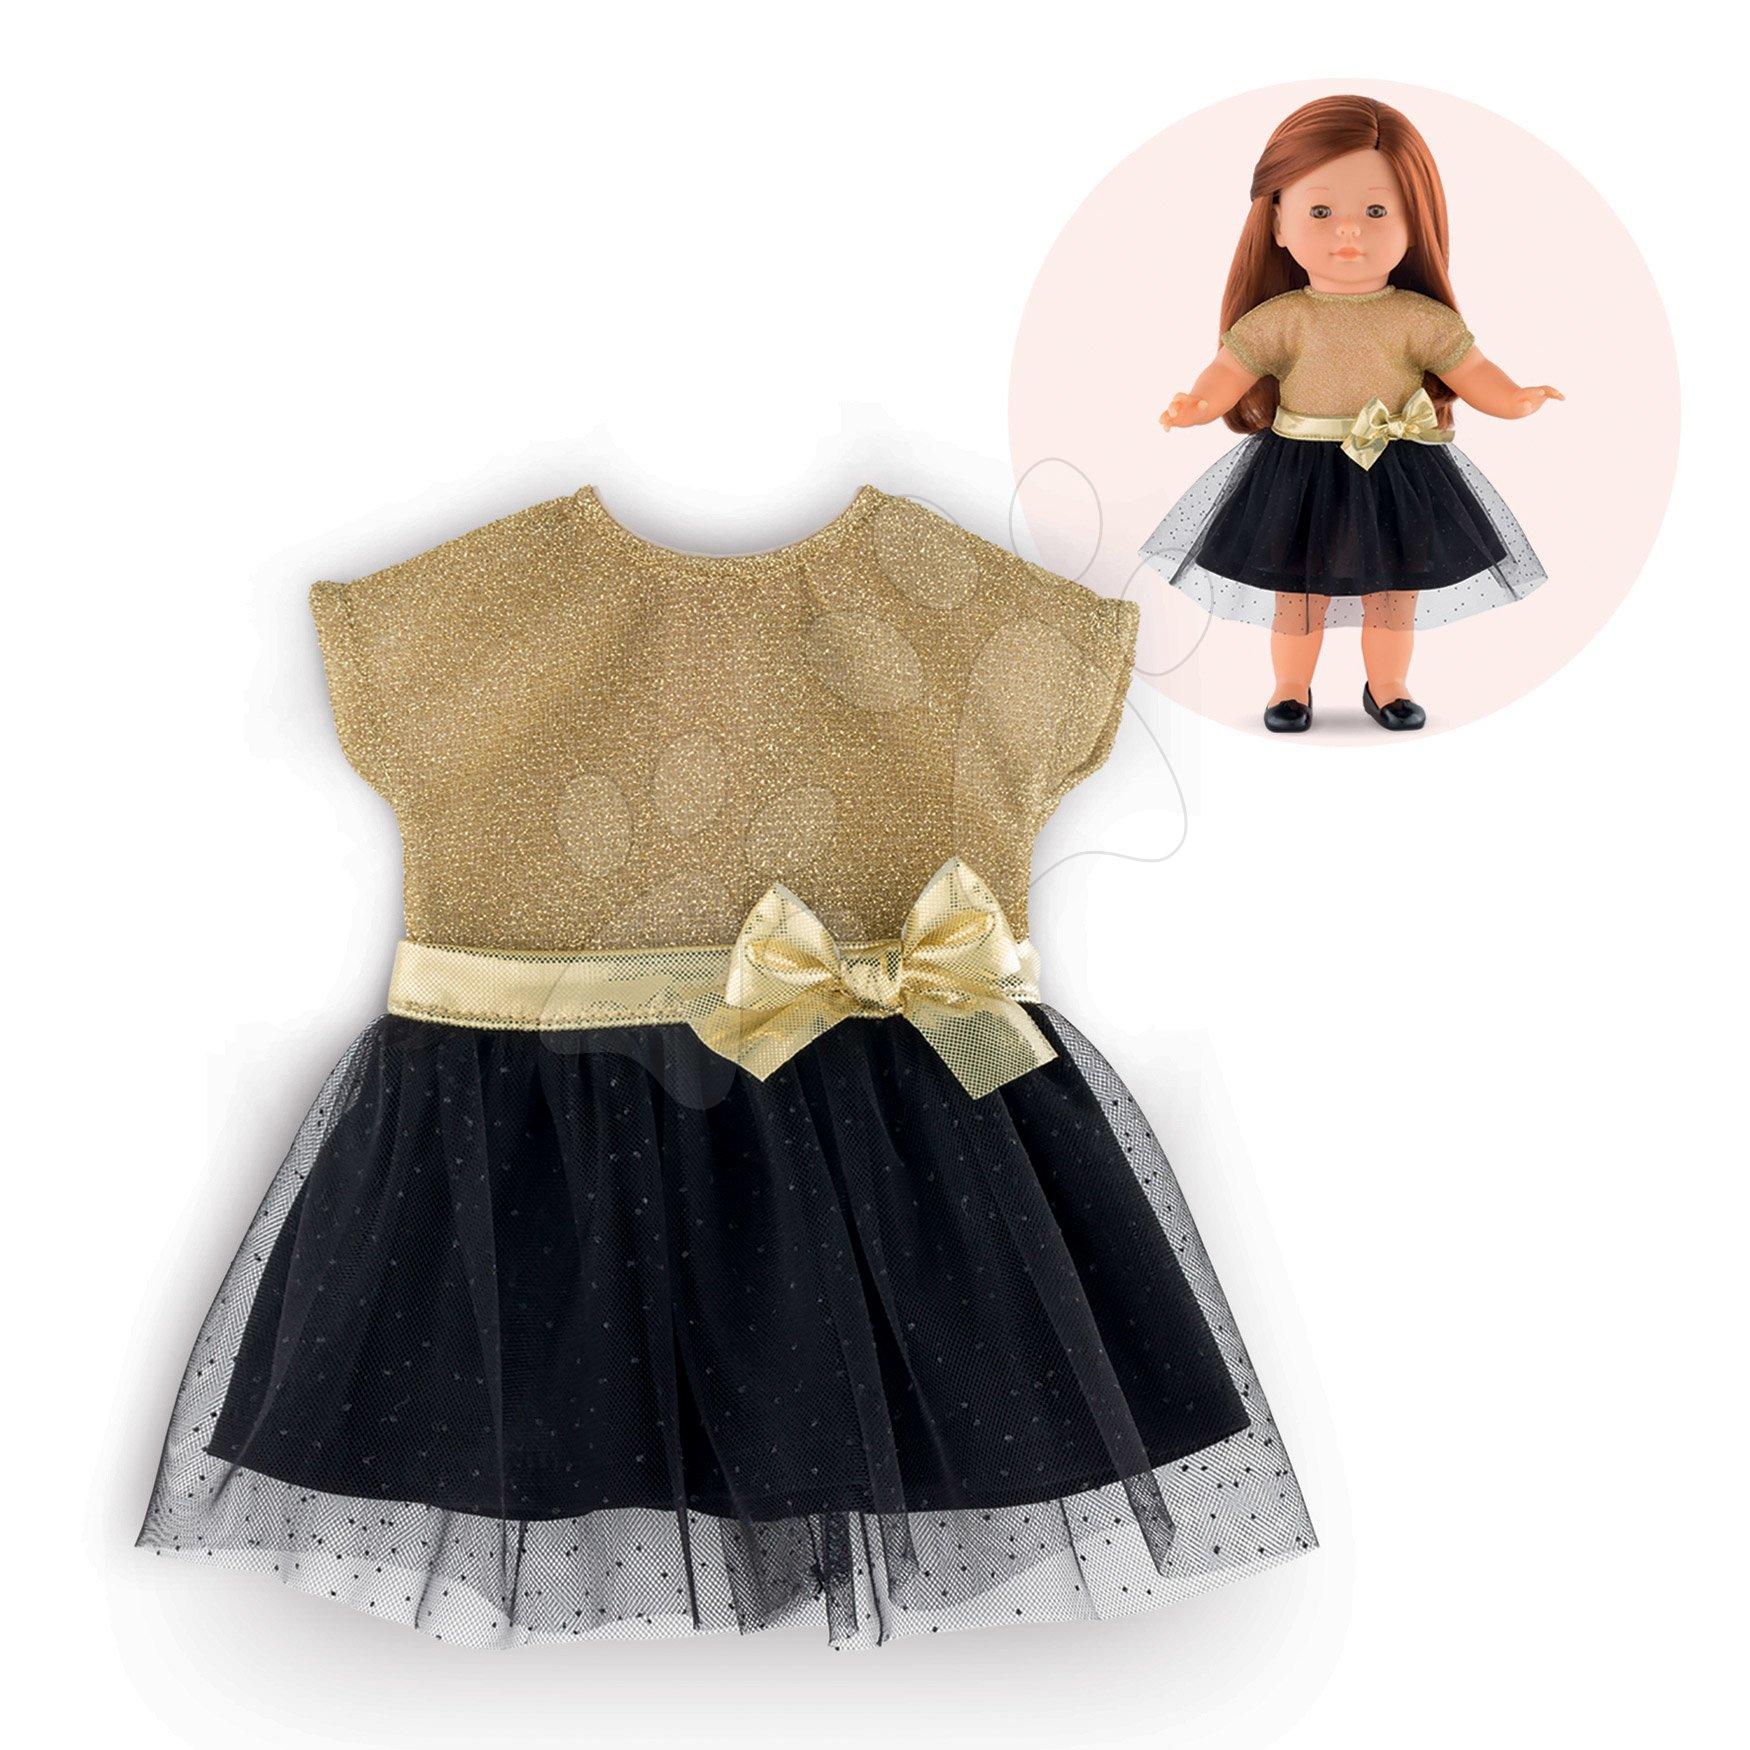 Oblečení Party Dress Ma Corolle pro 36 cm panenku od 4 let